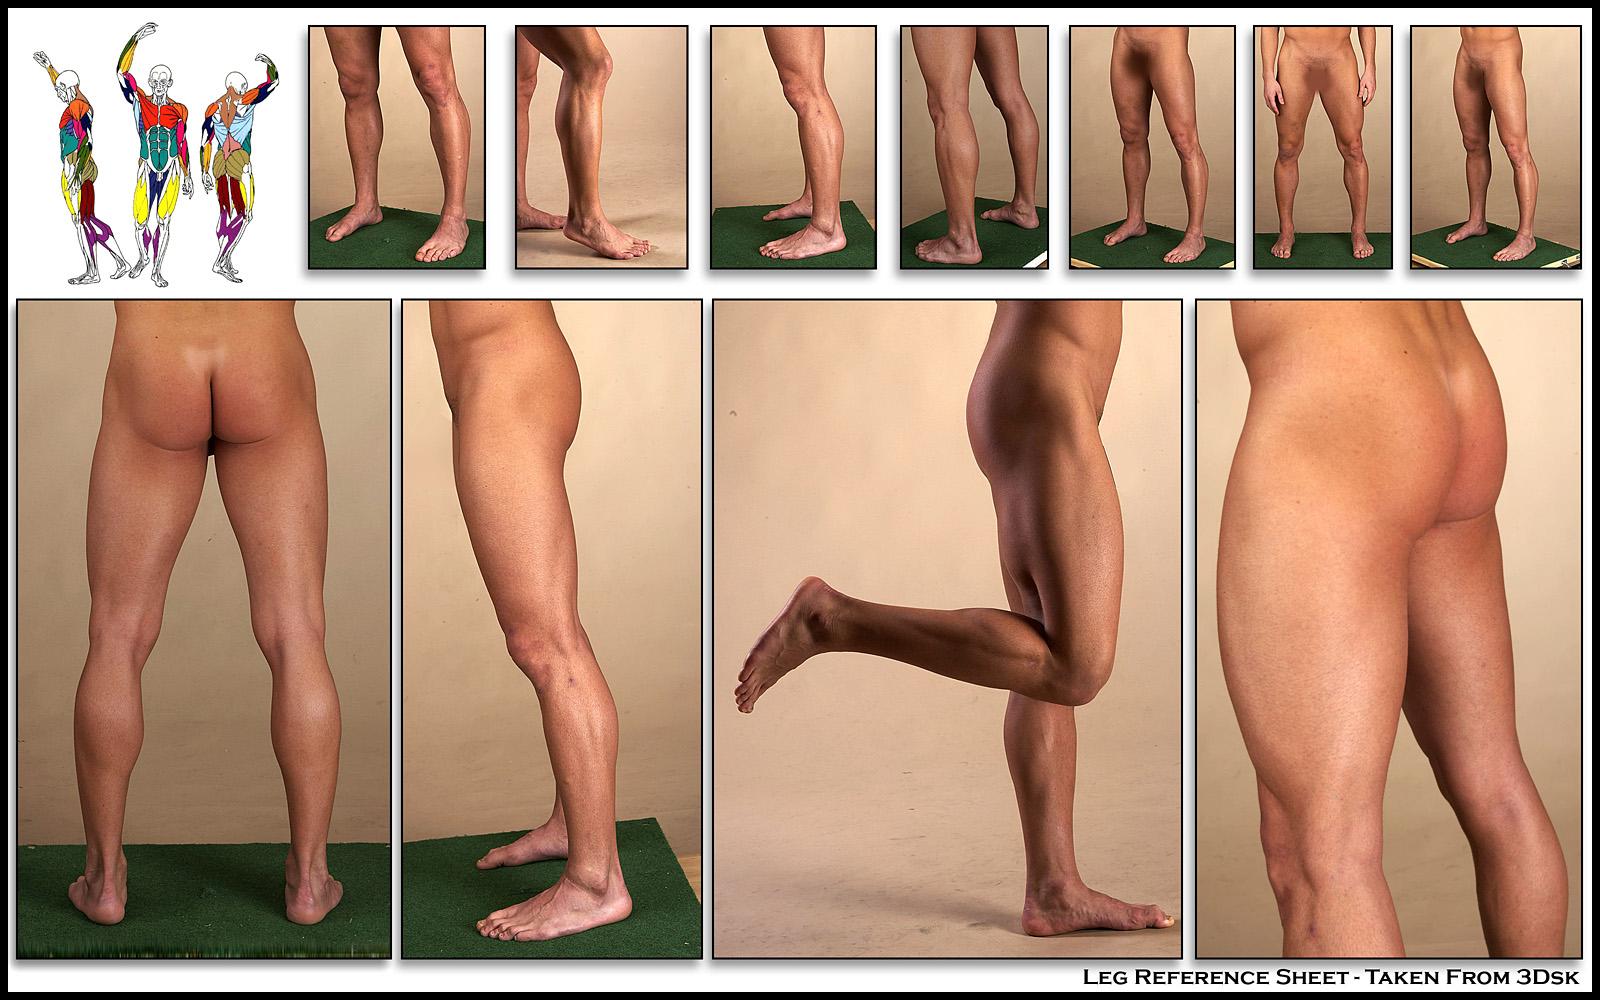 [1600-The-Human-Leg-Real]